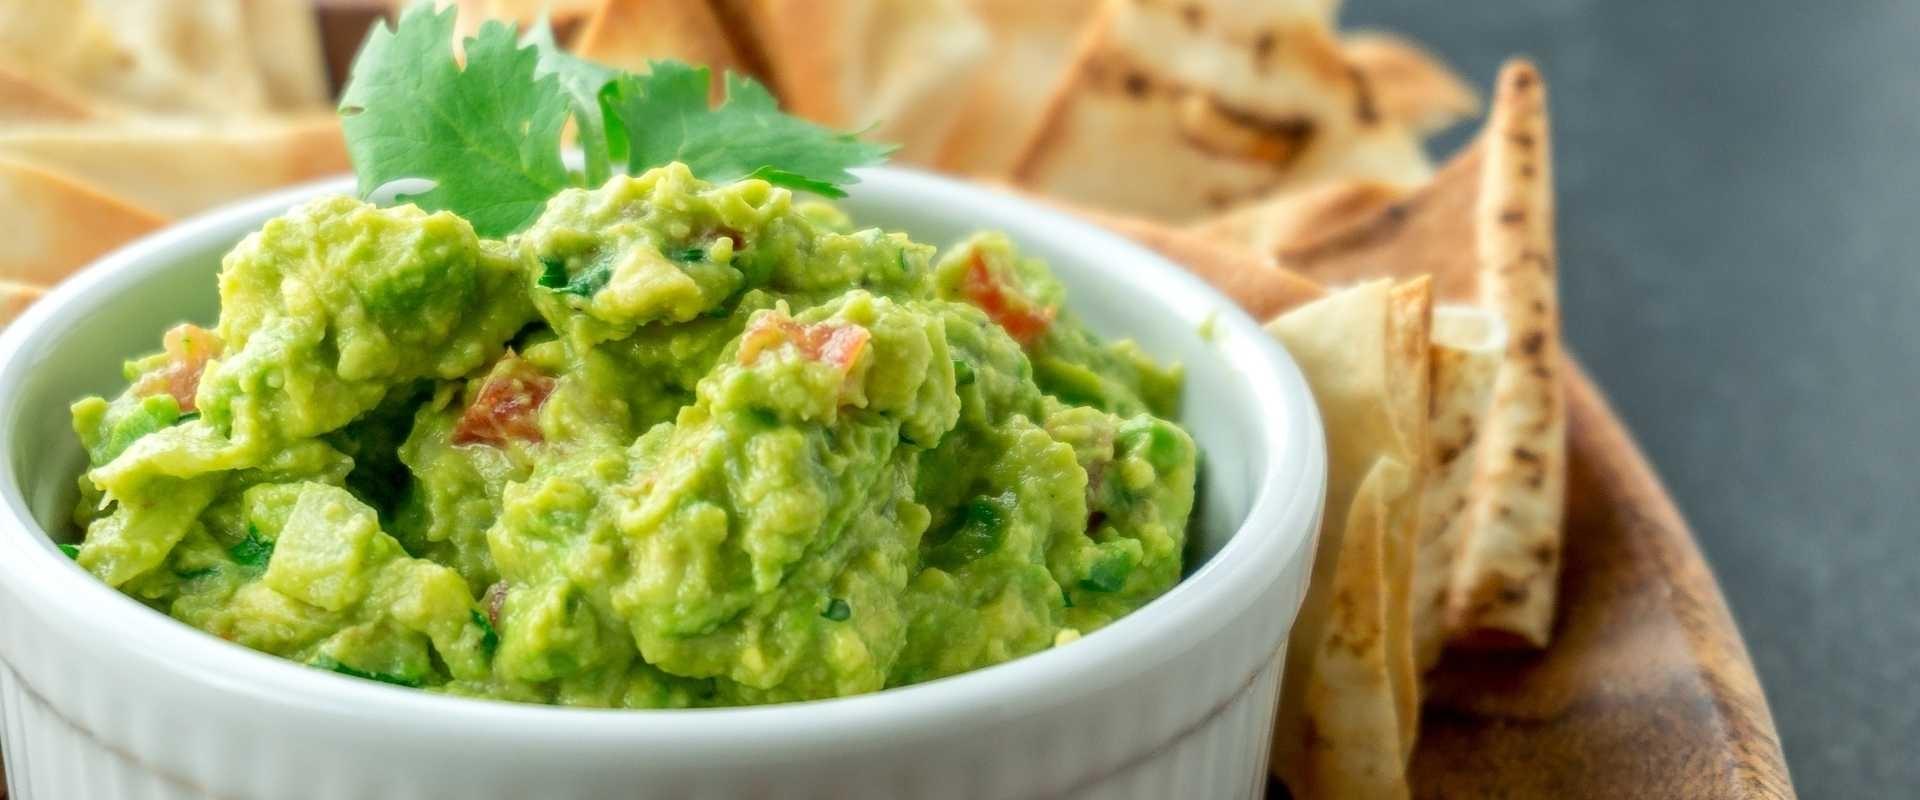 Recept guacamole dip